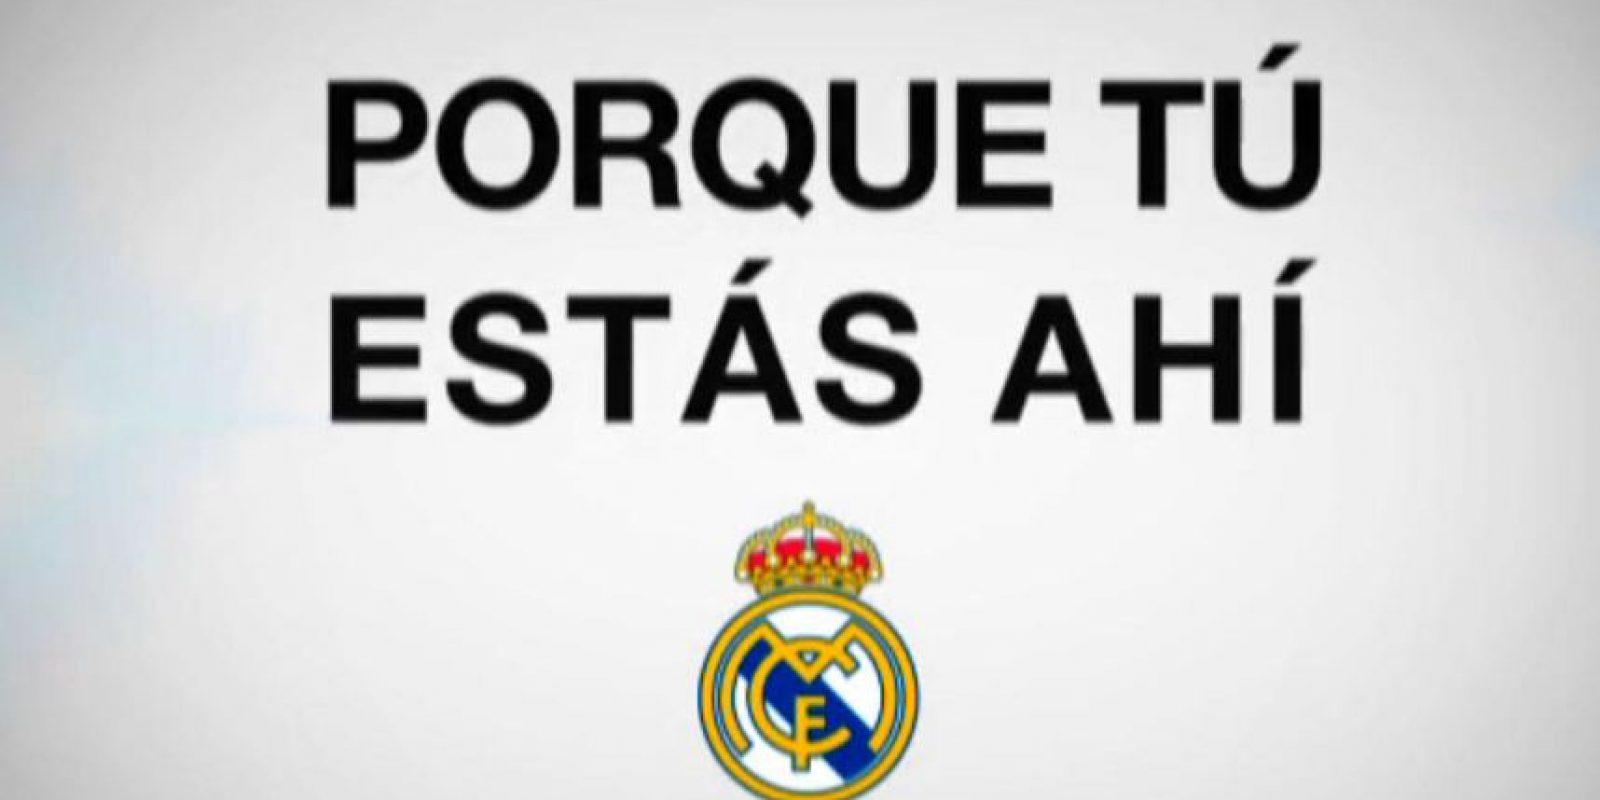 Real Madrid y Atlético de Madrid se enfrentan este miércoles en el duelo de vuelta de cuartos de final de la Champions League. Foto:Vía twitter.com/realmadrid